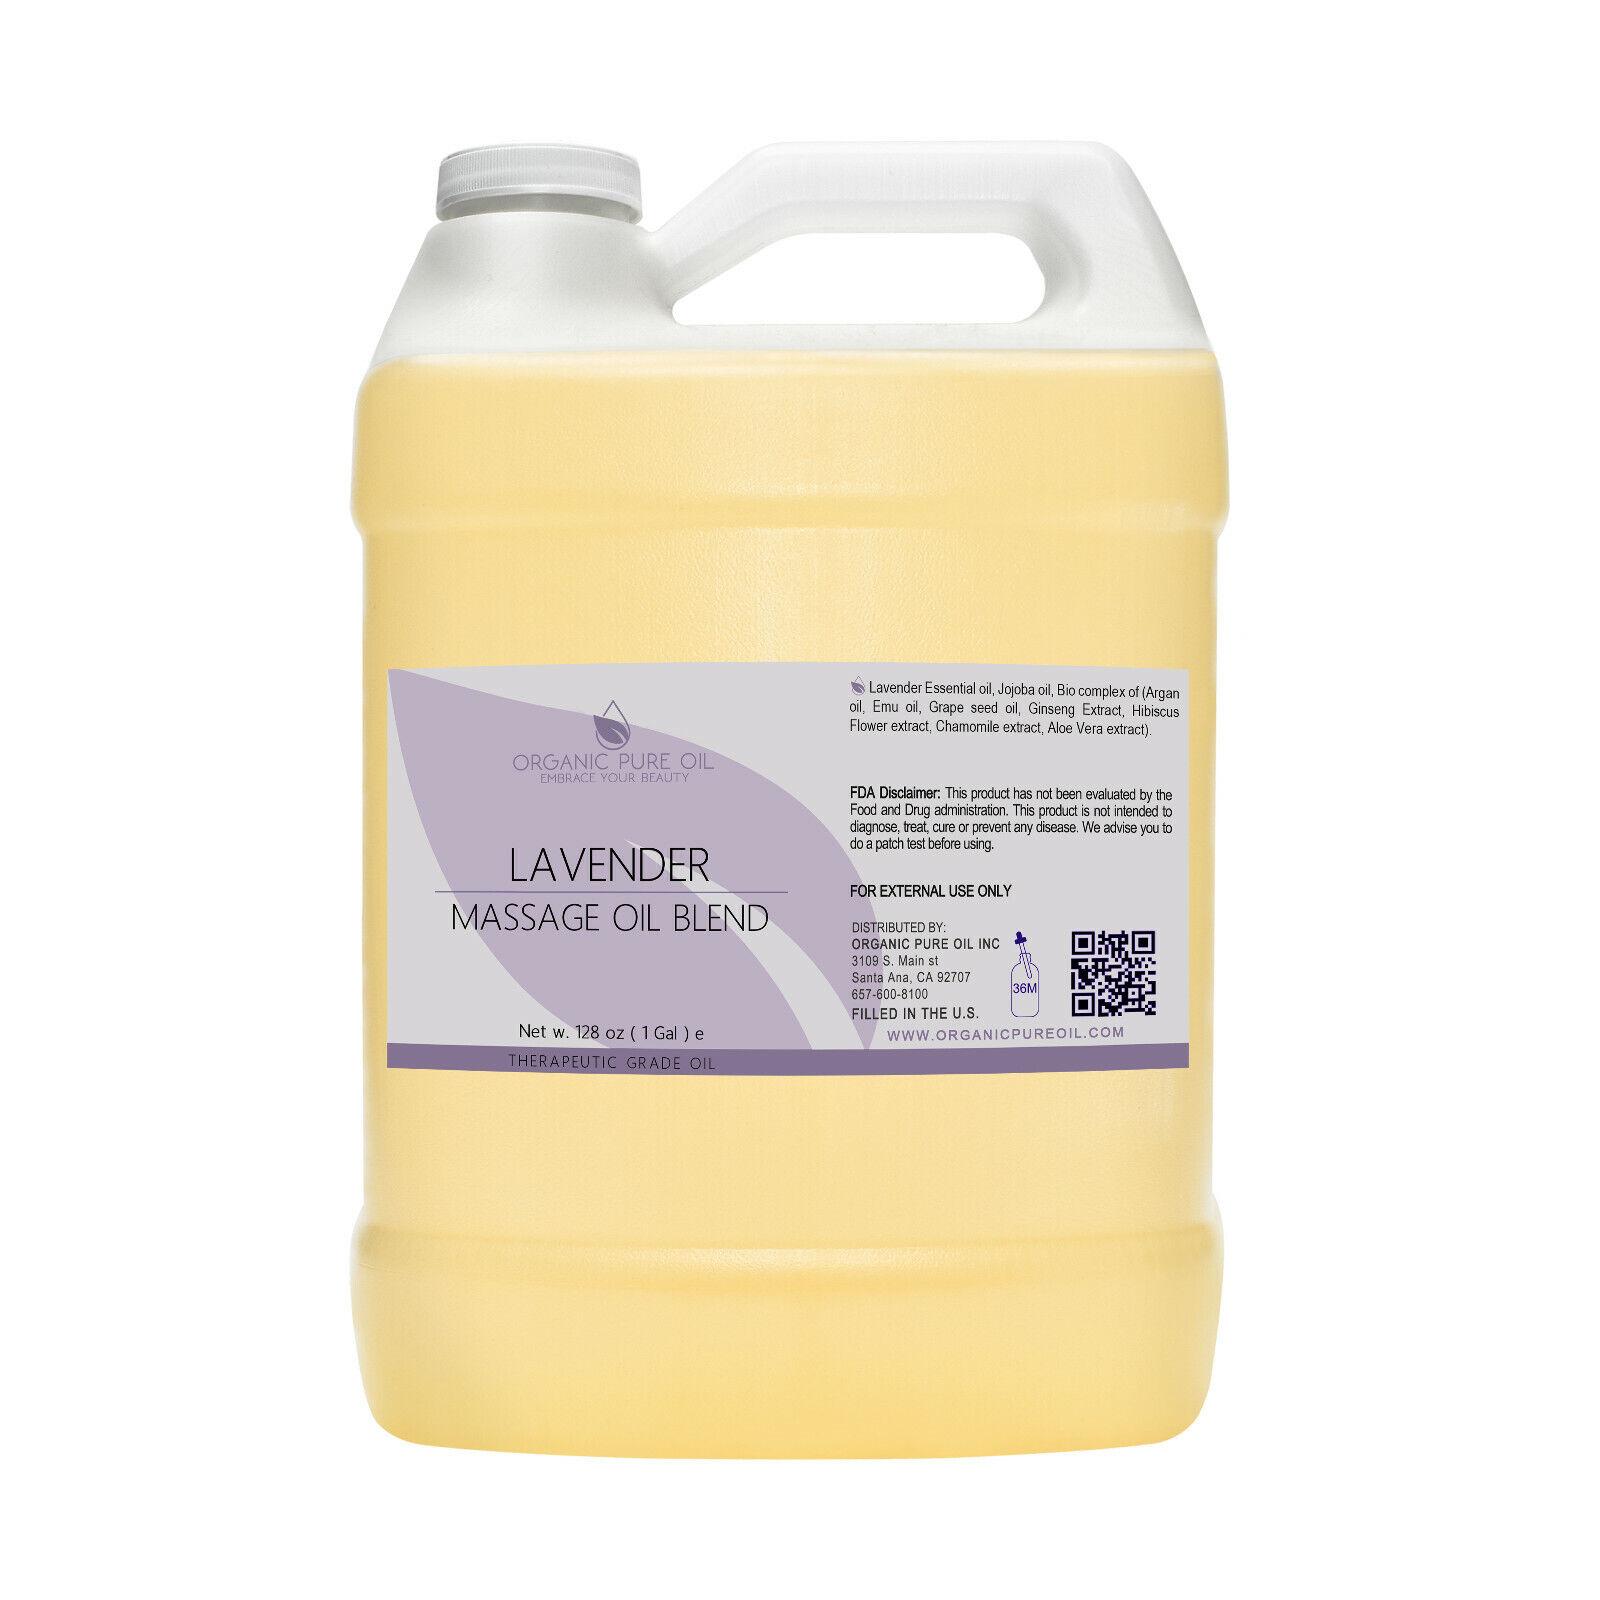 Lavender essential oil massage blend 1 gal bulk argan jojoba